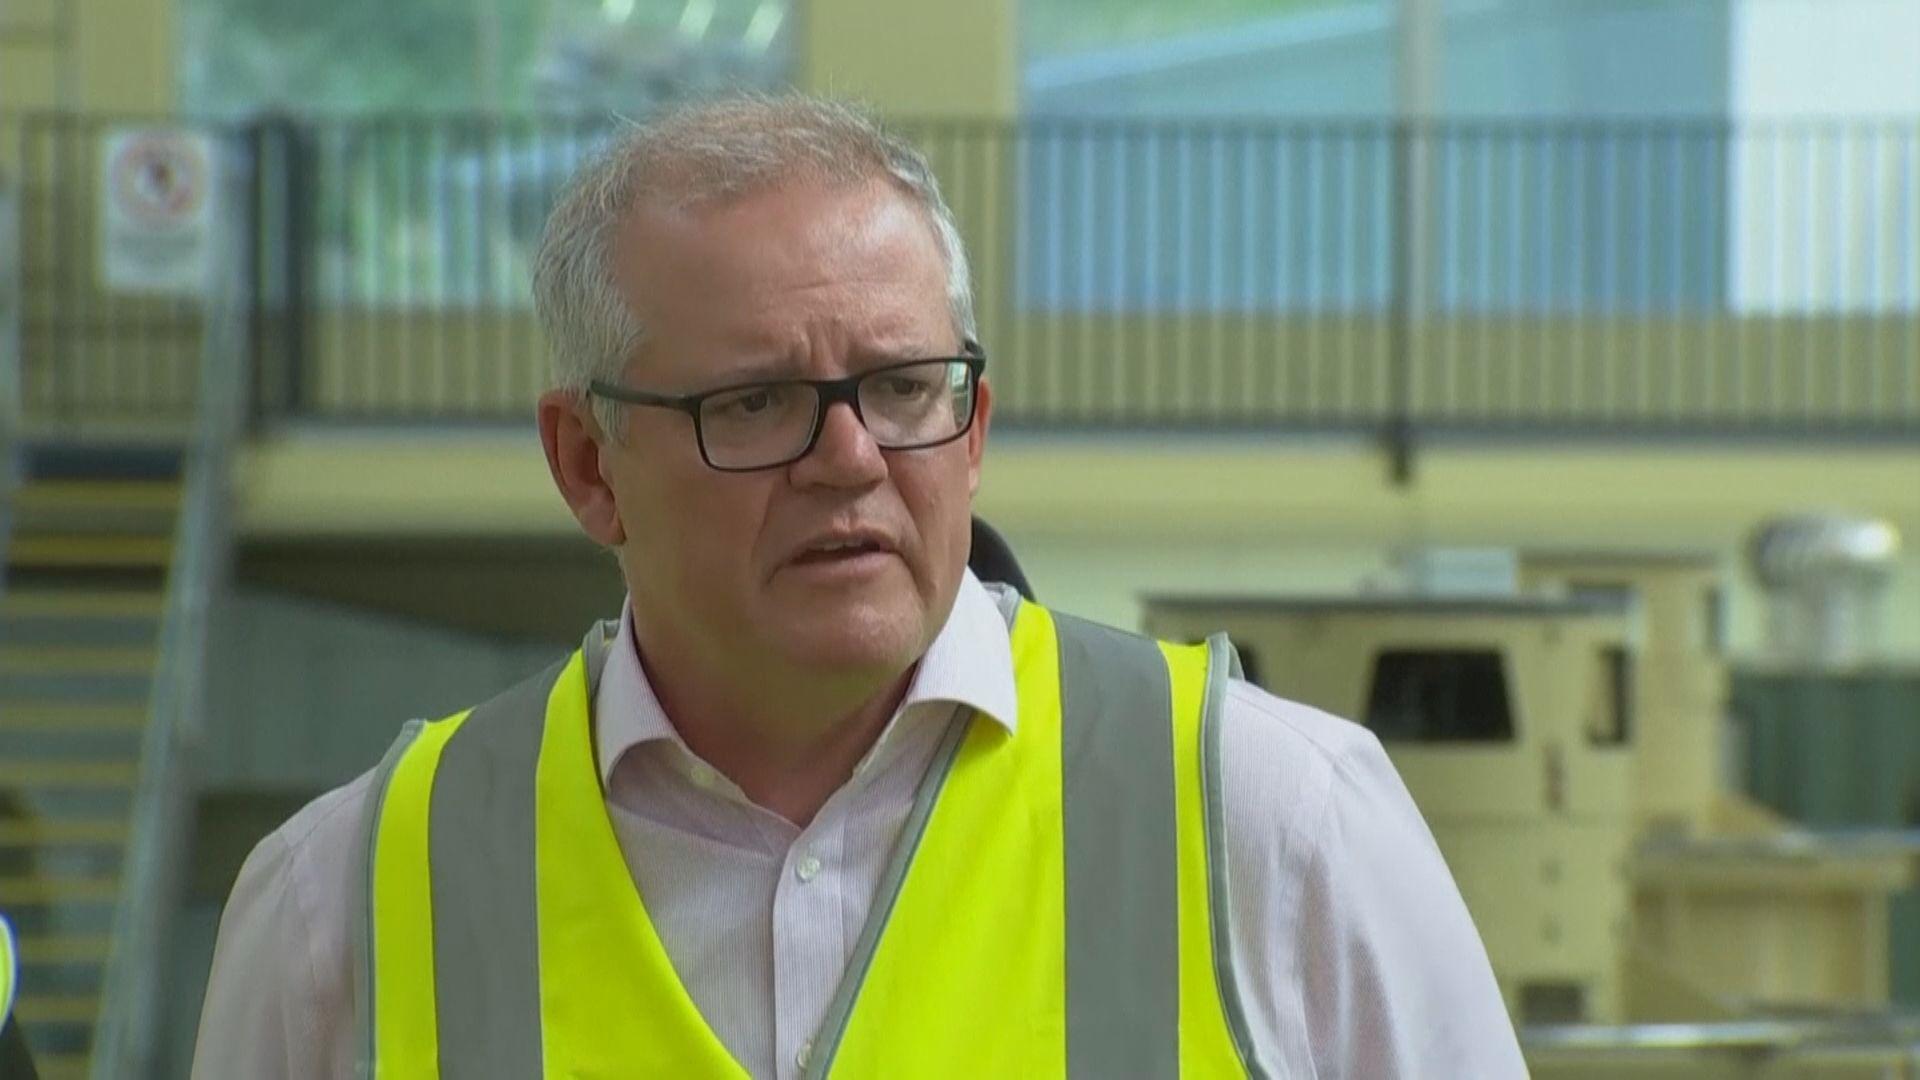 據報中方列澳洲煤炭入黑名單 澳總理要求澄清及對話